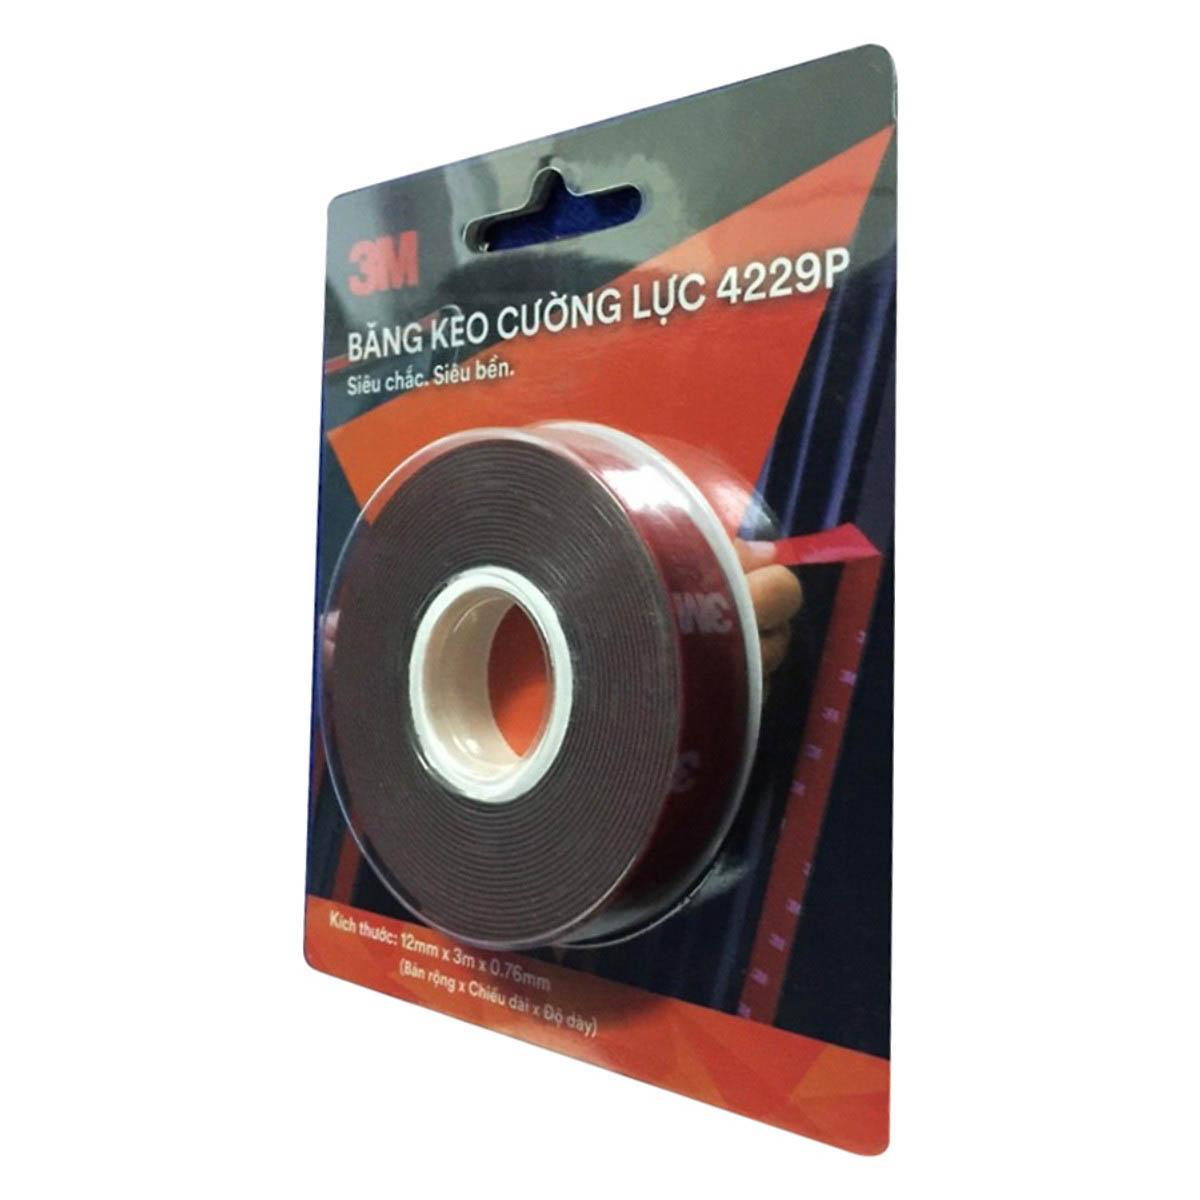 Băng keo tape 2 mặt Cường Lực 3M - 4229P - 12mm x 3m ( siêu chắc, siêu bền )